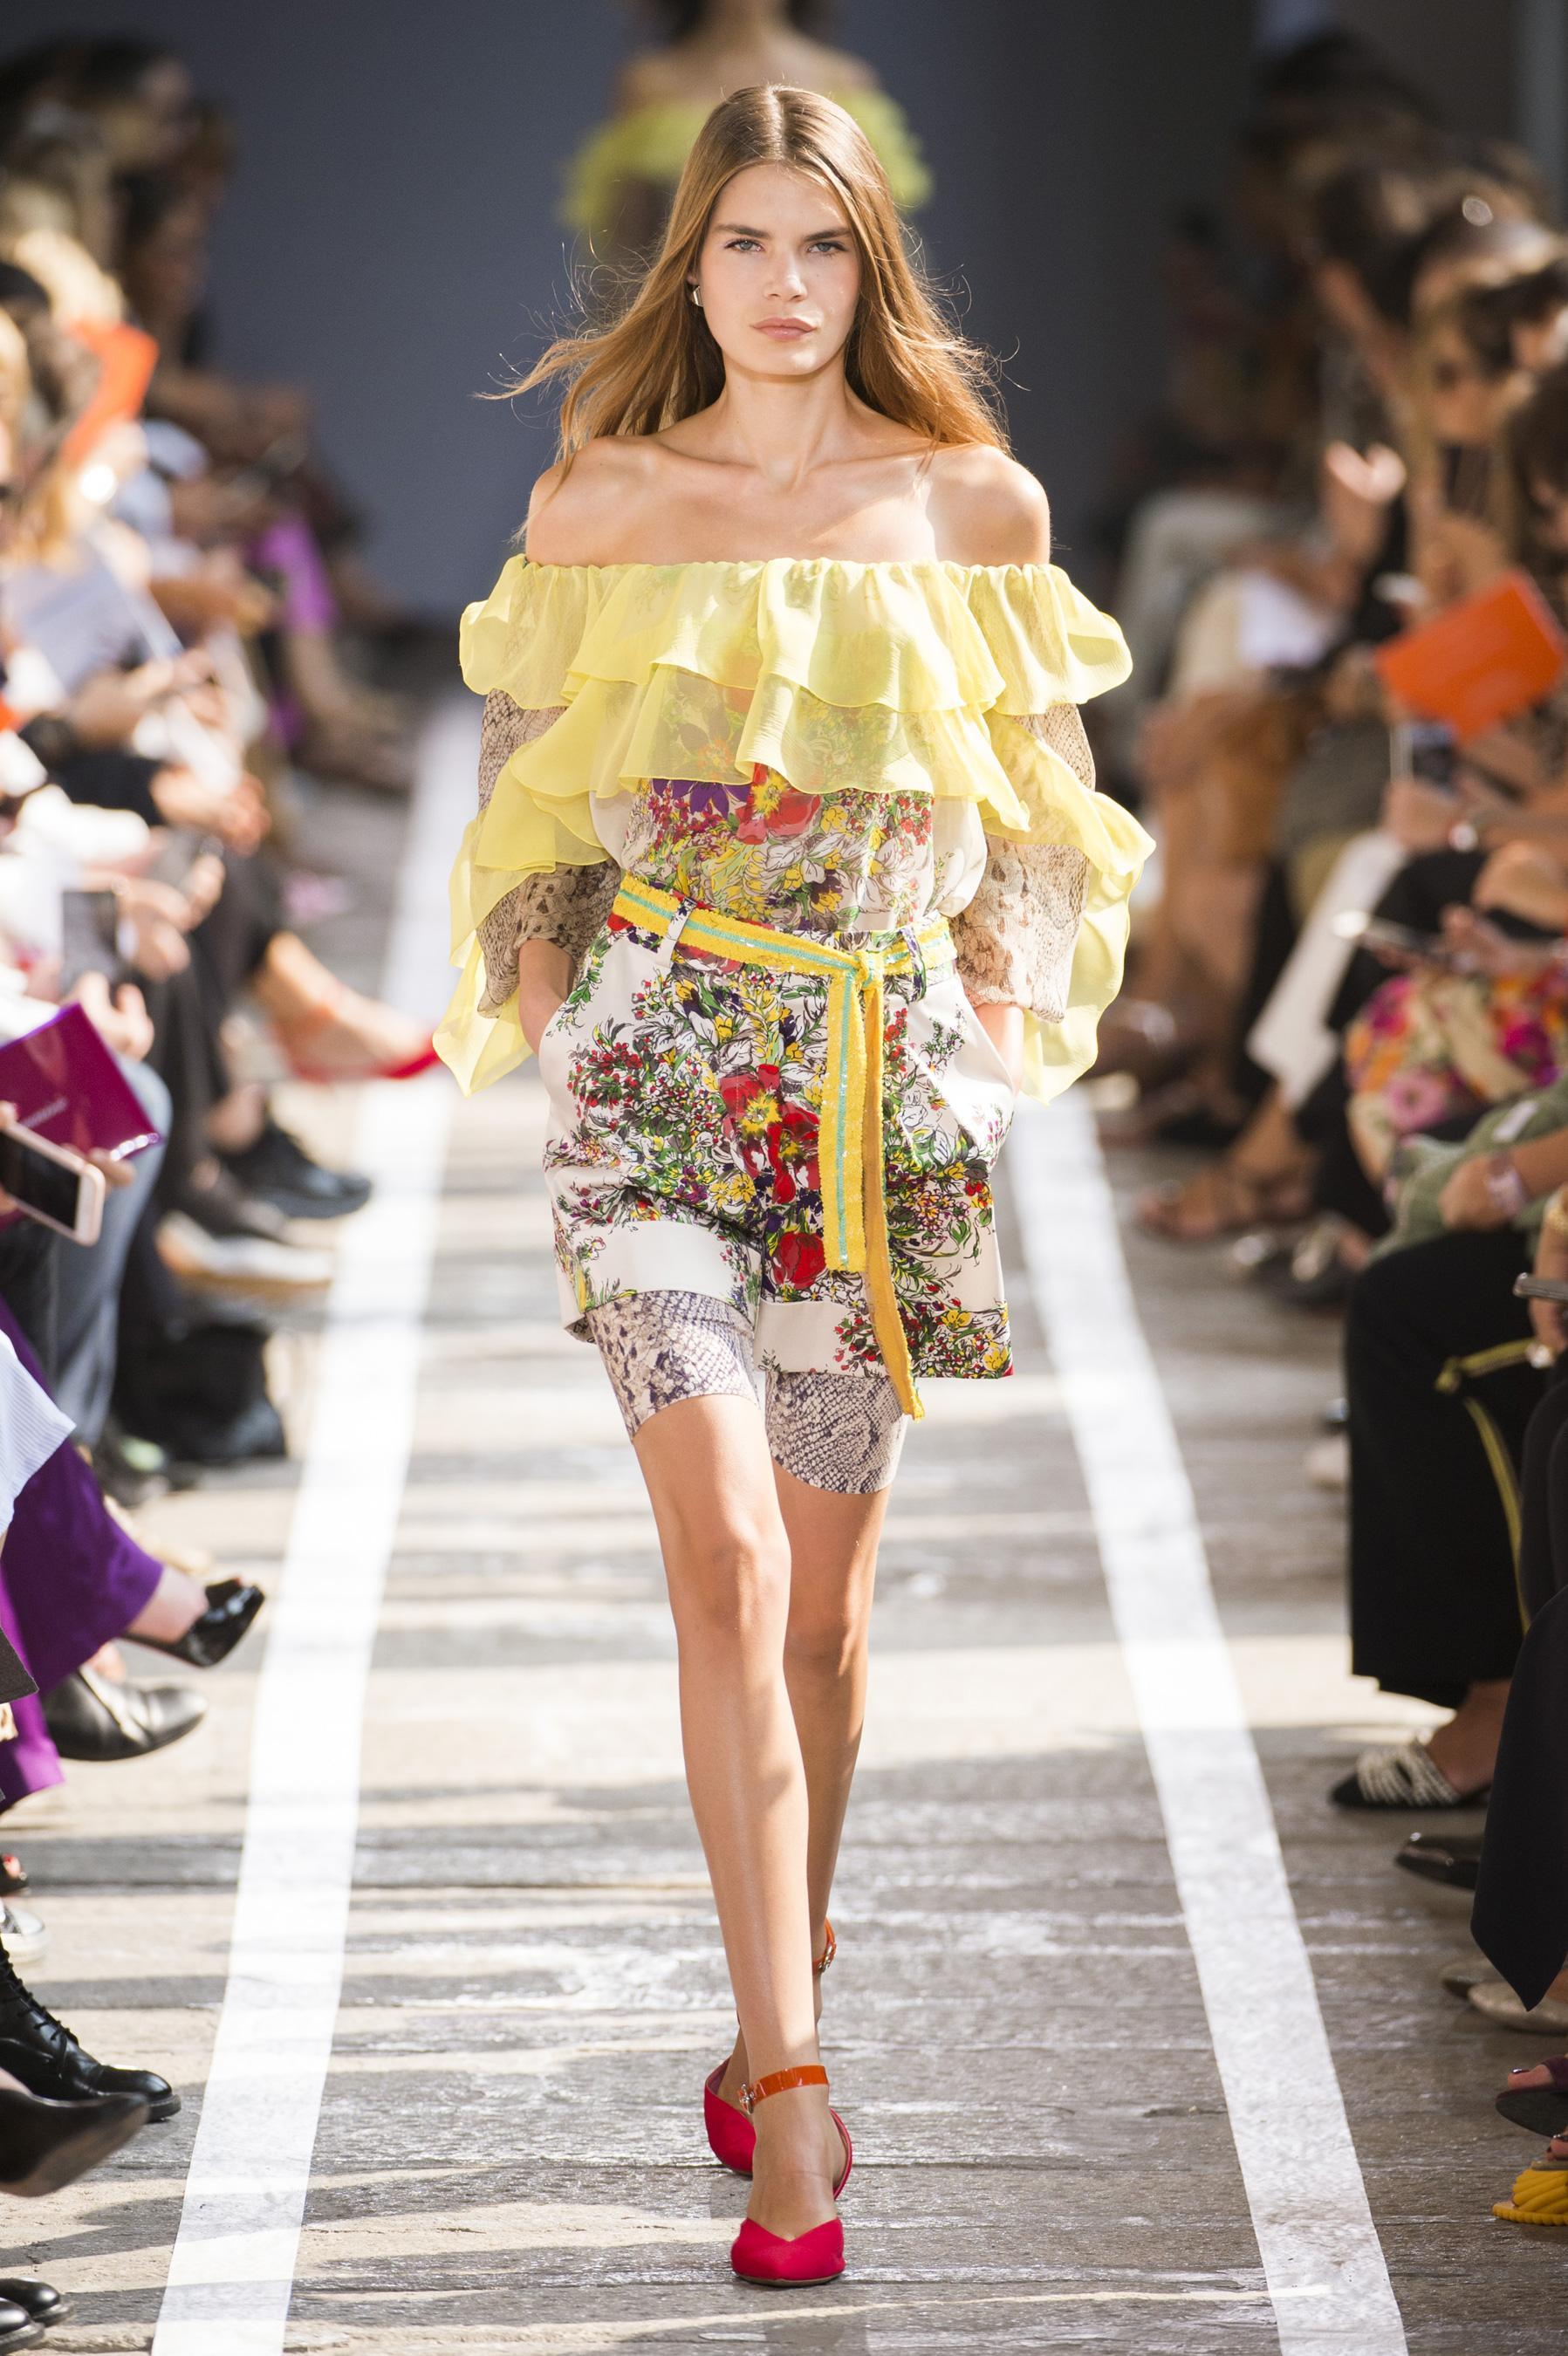 Défilé Blumarine printemps-été 2019 Prêt-à-porter - Madame Figaro 83a6d01df29